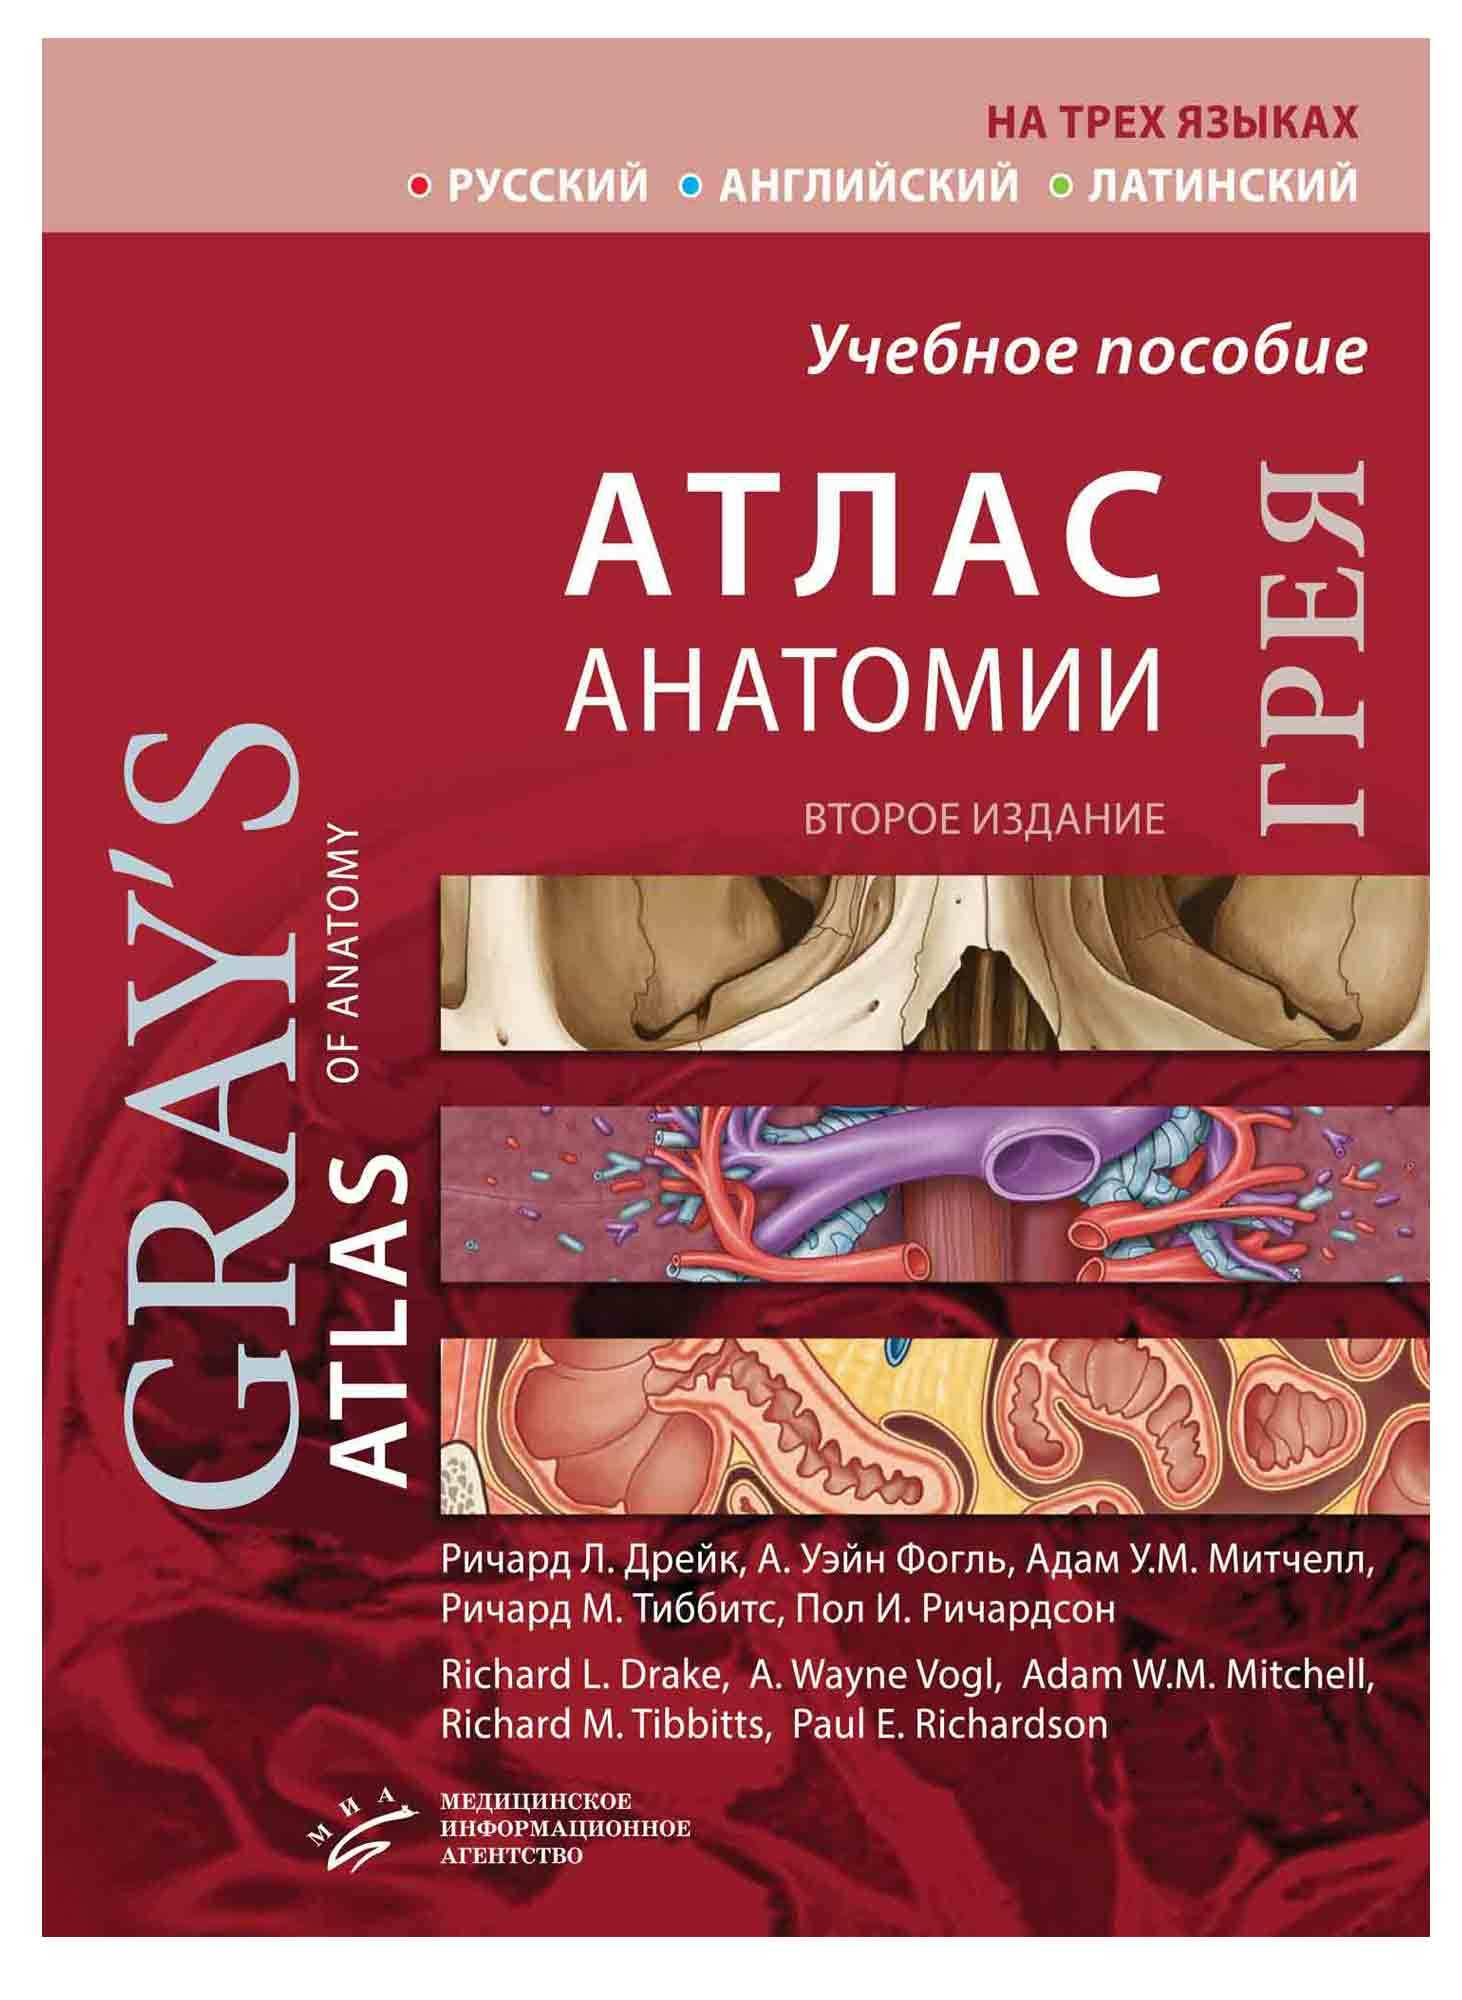 Книги по мануальной терапии Атлас анатомии Грея (Грэя)(на трех языках) grey2020.jpg